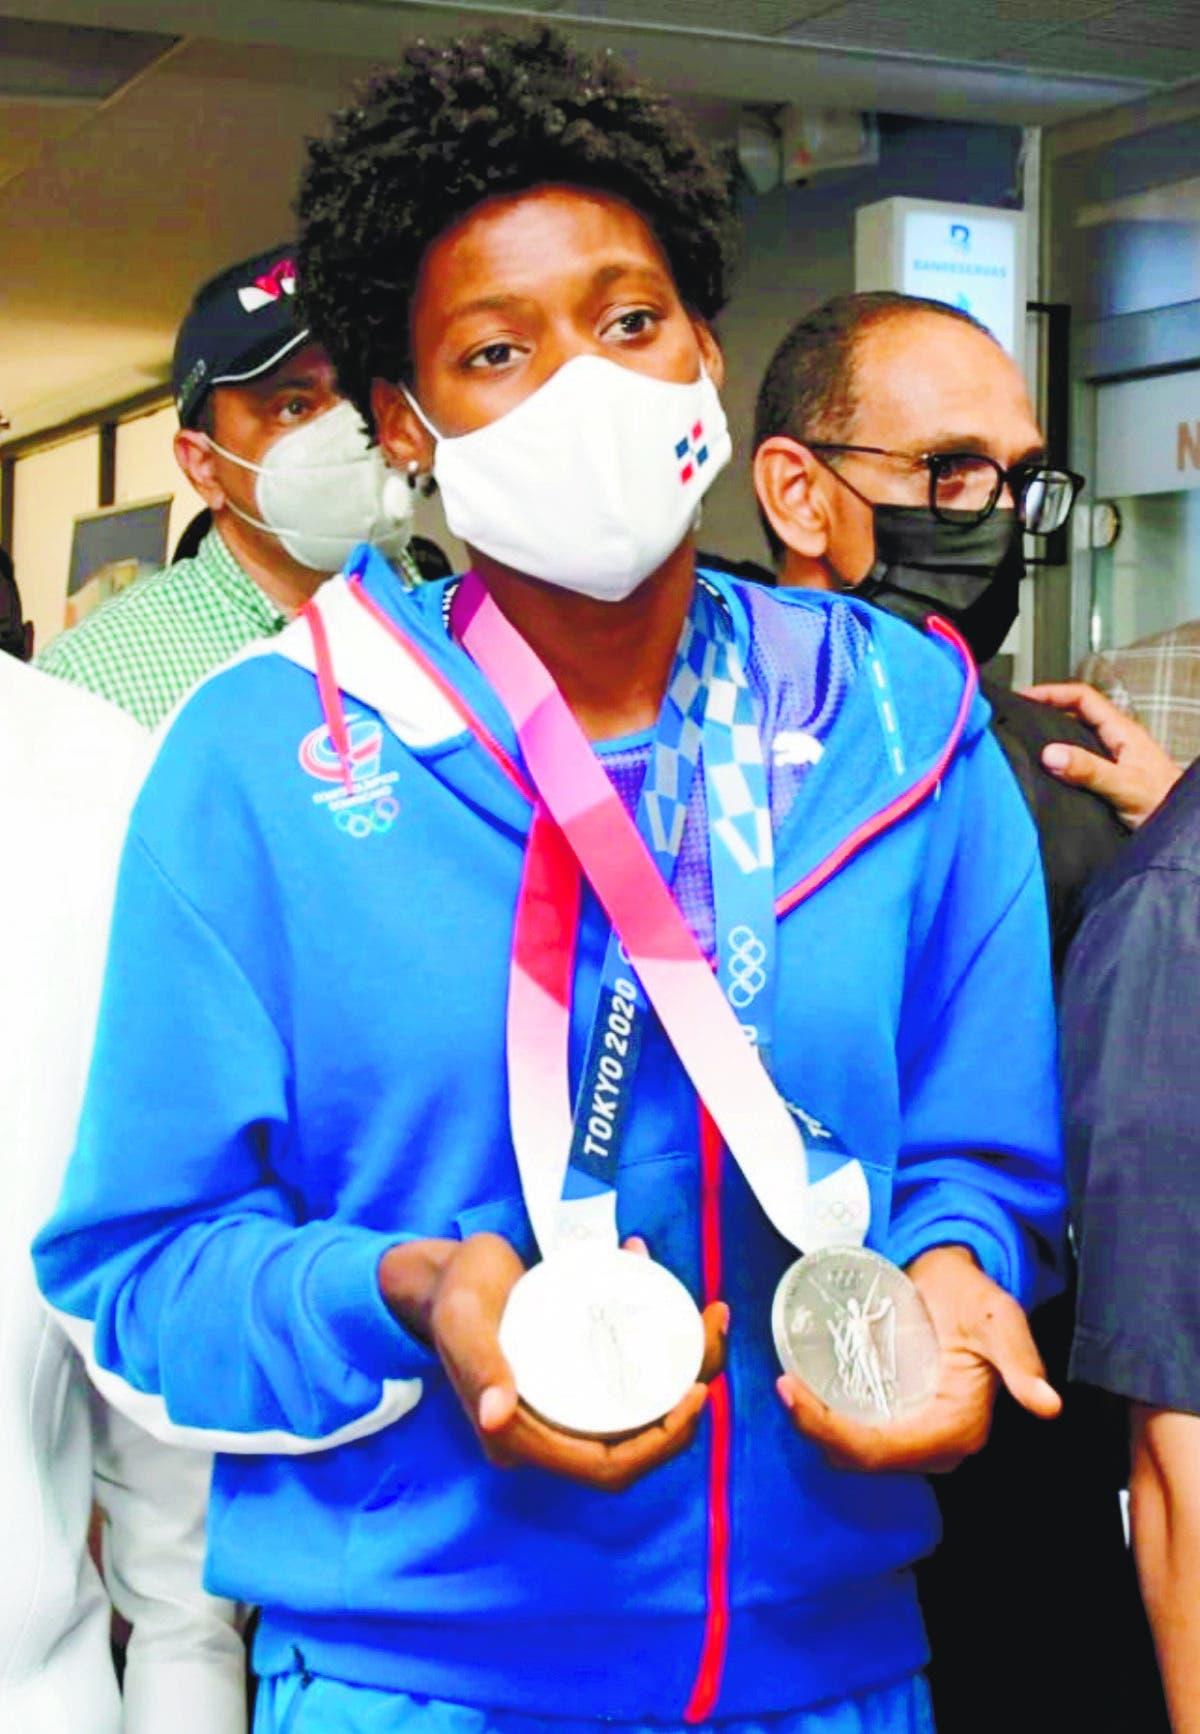 Medallista la reciben con todos los honores Marileidy entregó sus medallas a su madre y abuela